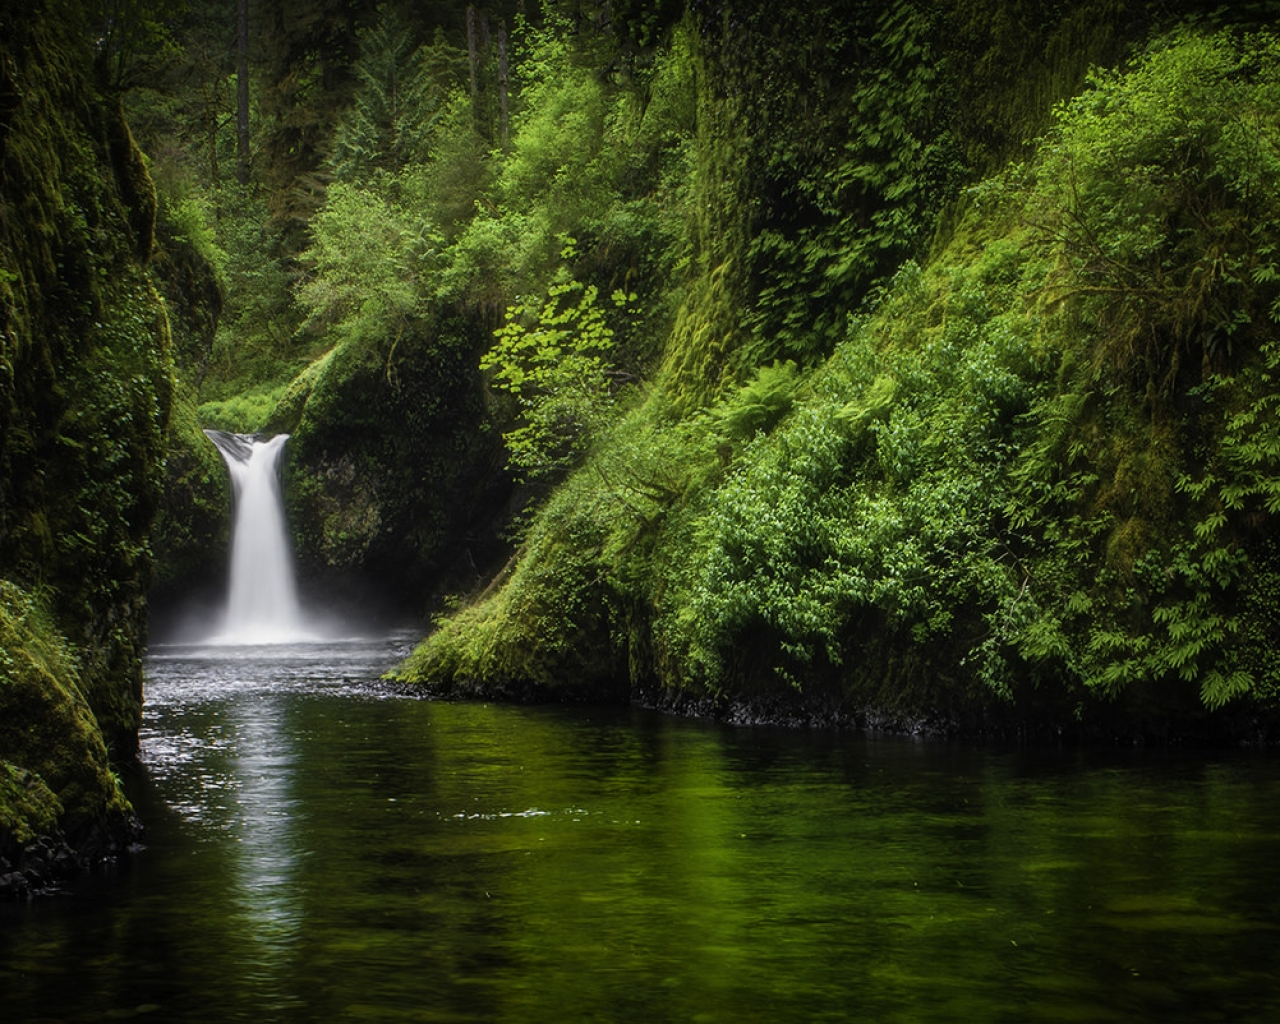 Bella caida de agua - 1280x1024